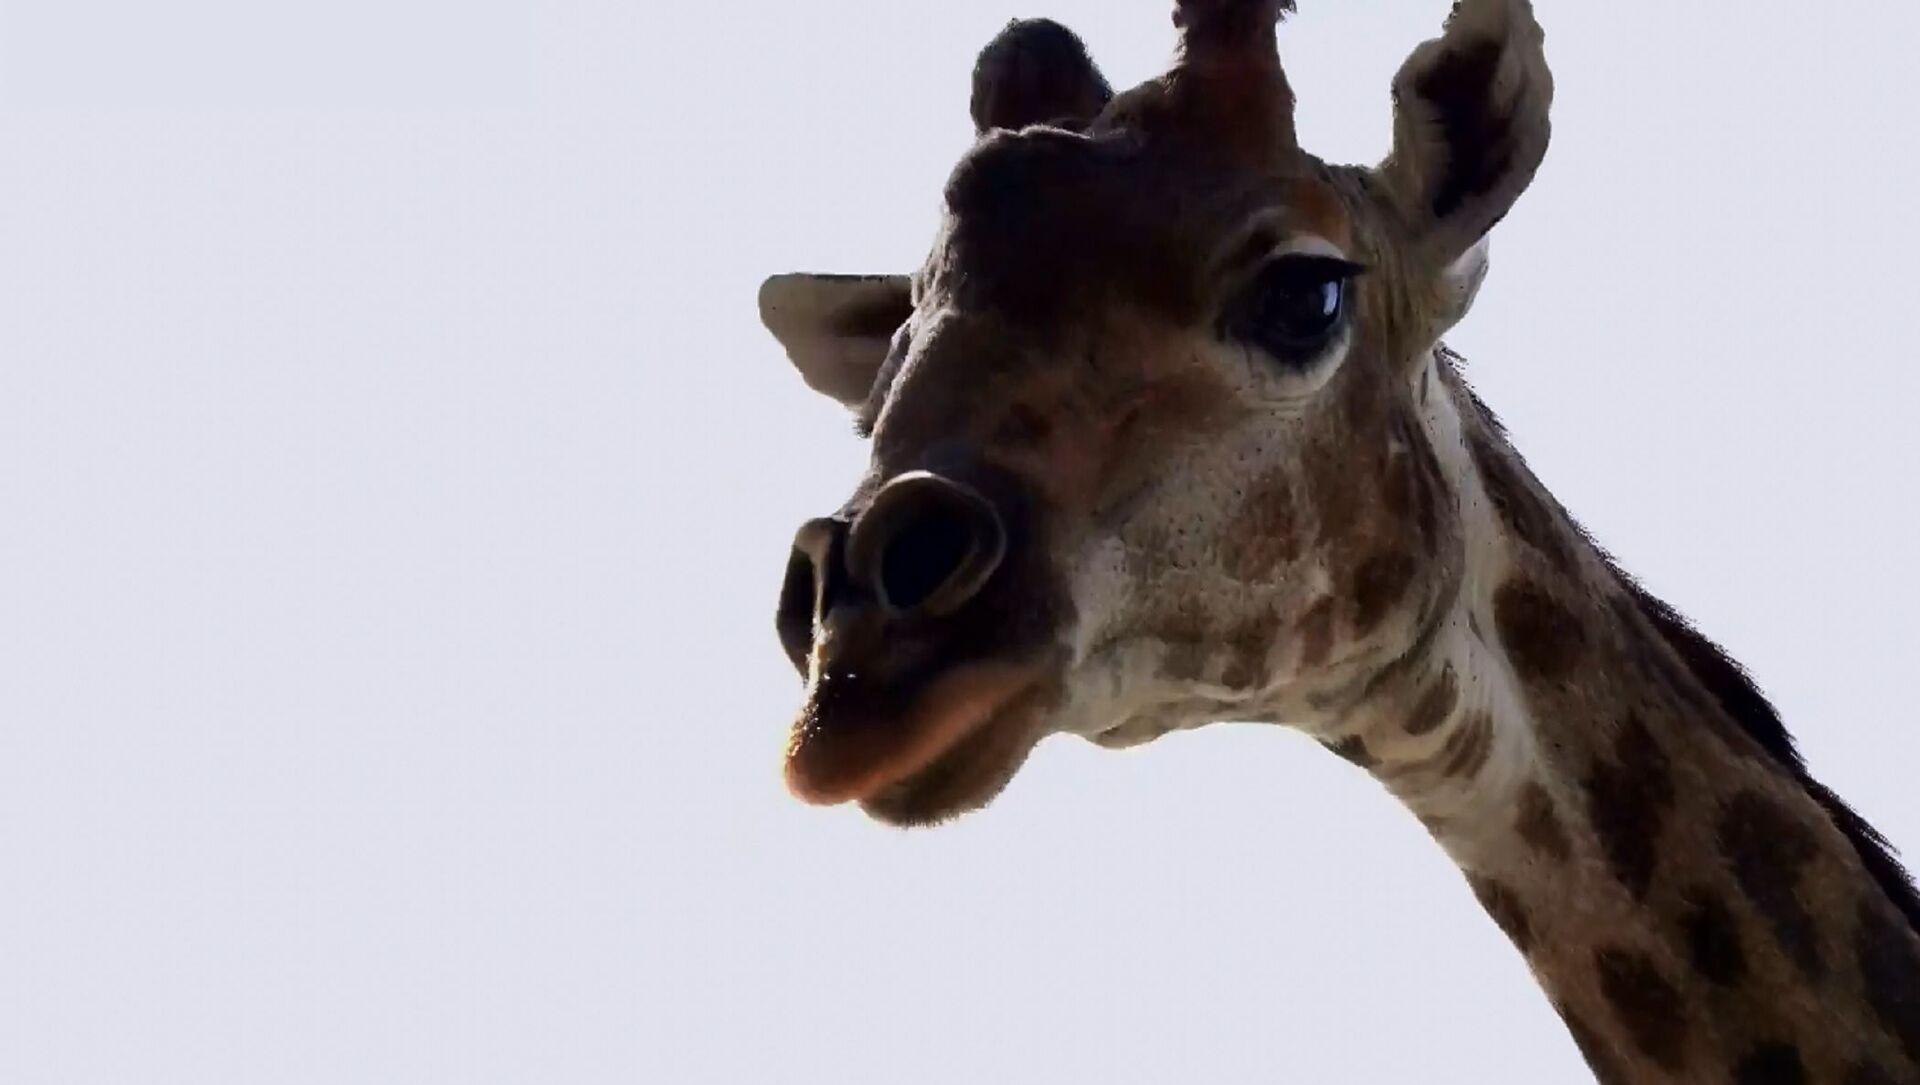 Giraffa nello zoo di Mosca si gode il ritorno al recinto aperto  - Sputnik Italia, 1920, 16.04.2021